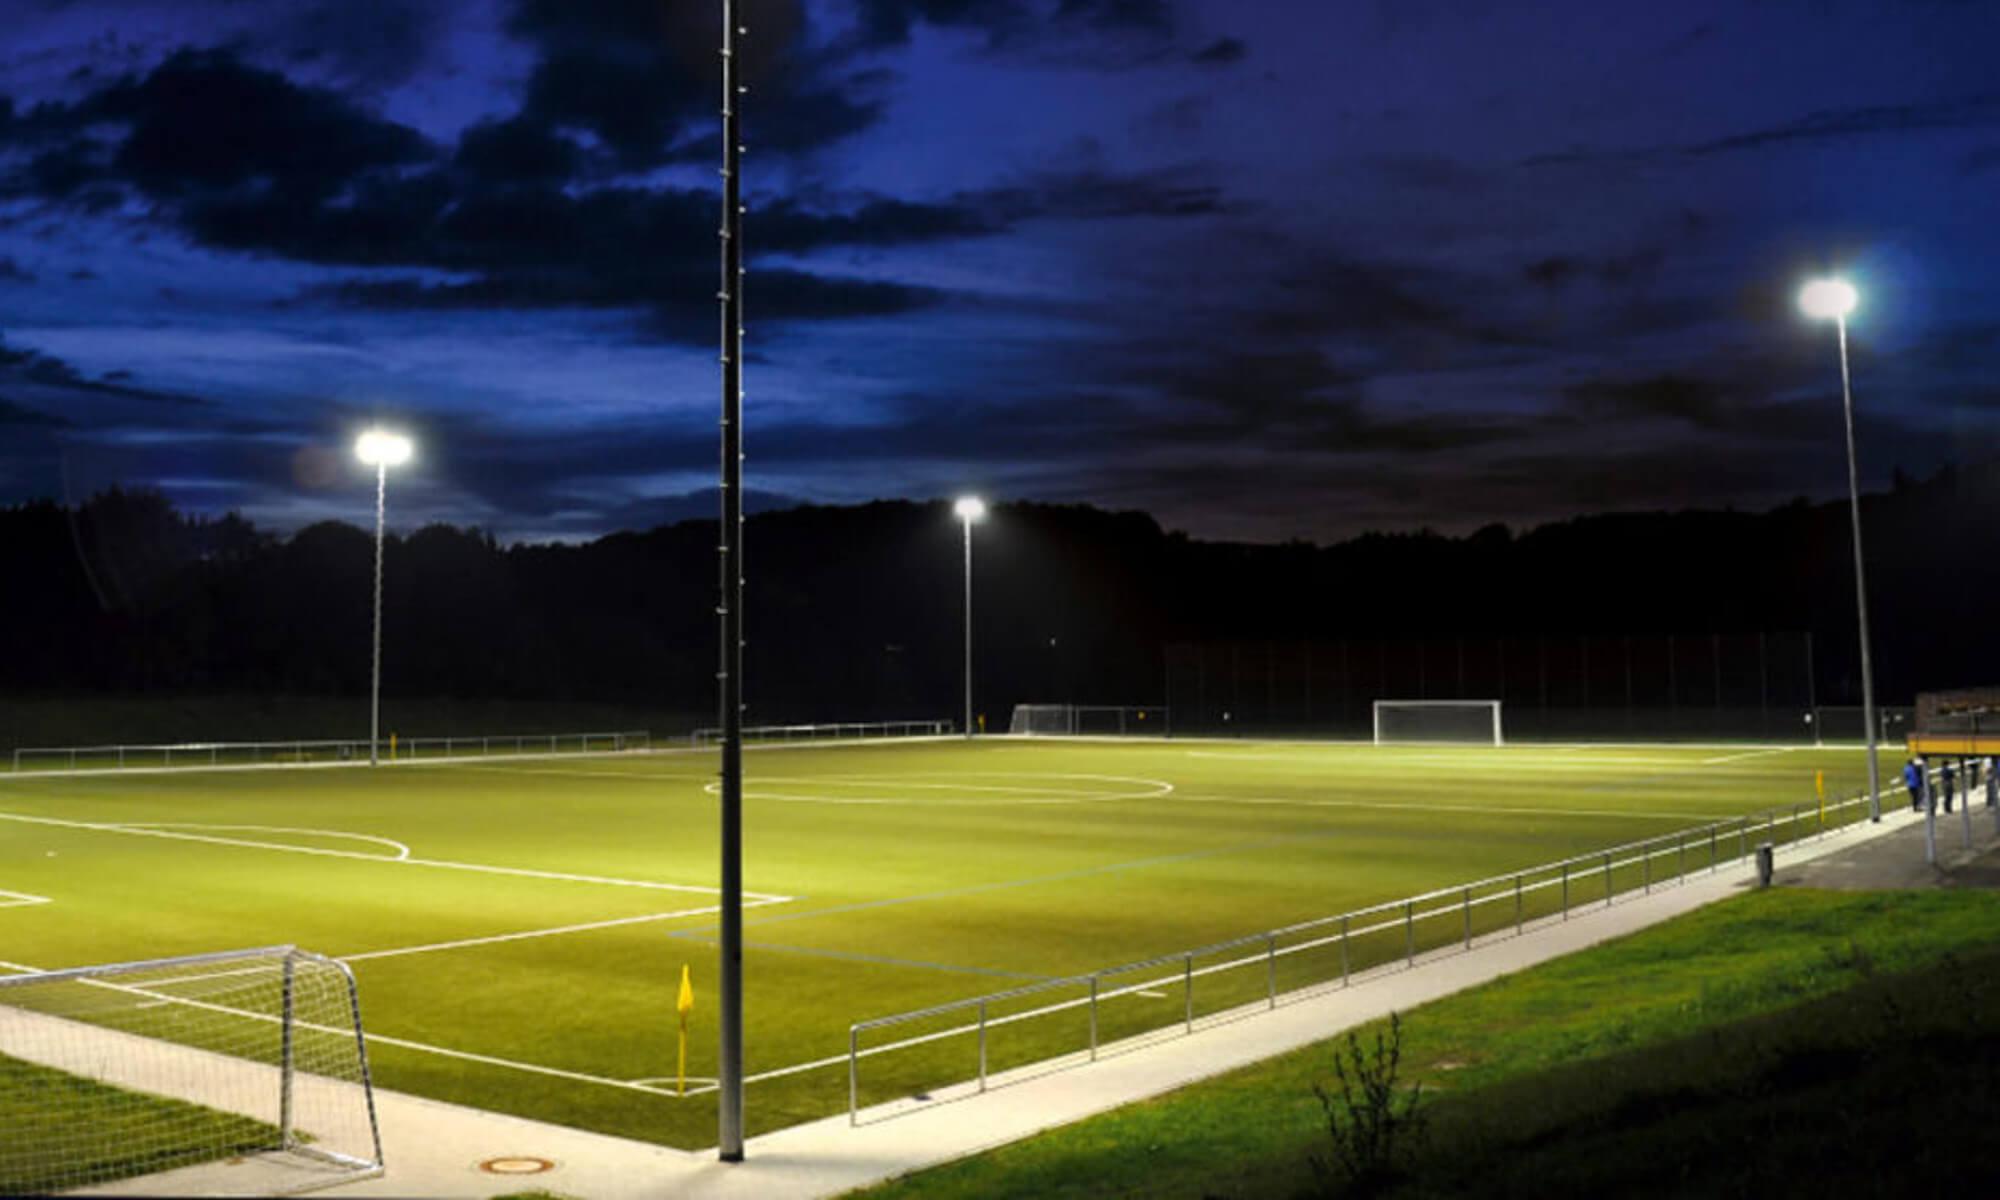 Sportplatz bei Nacht in Flutlicht